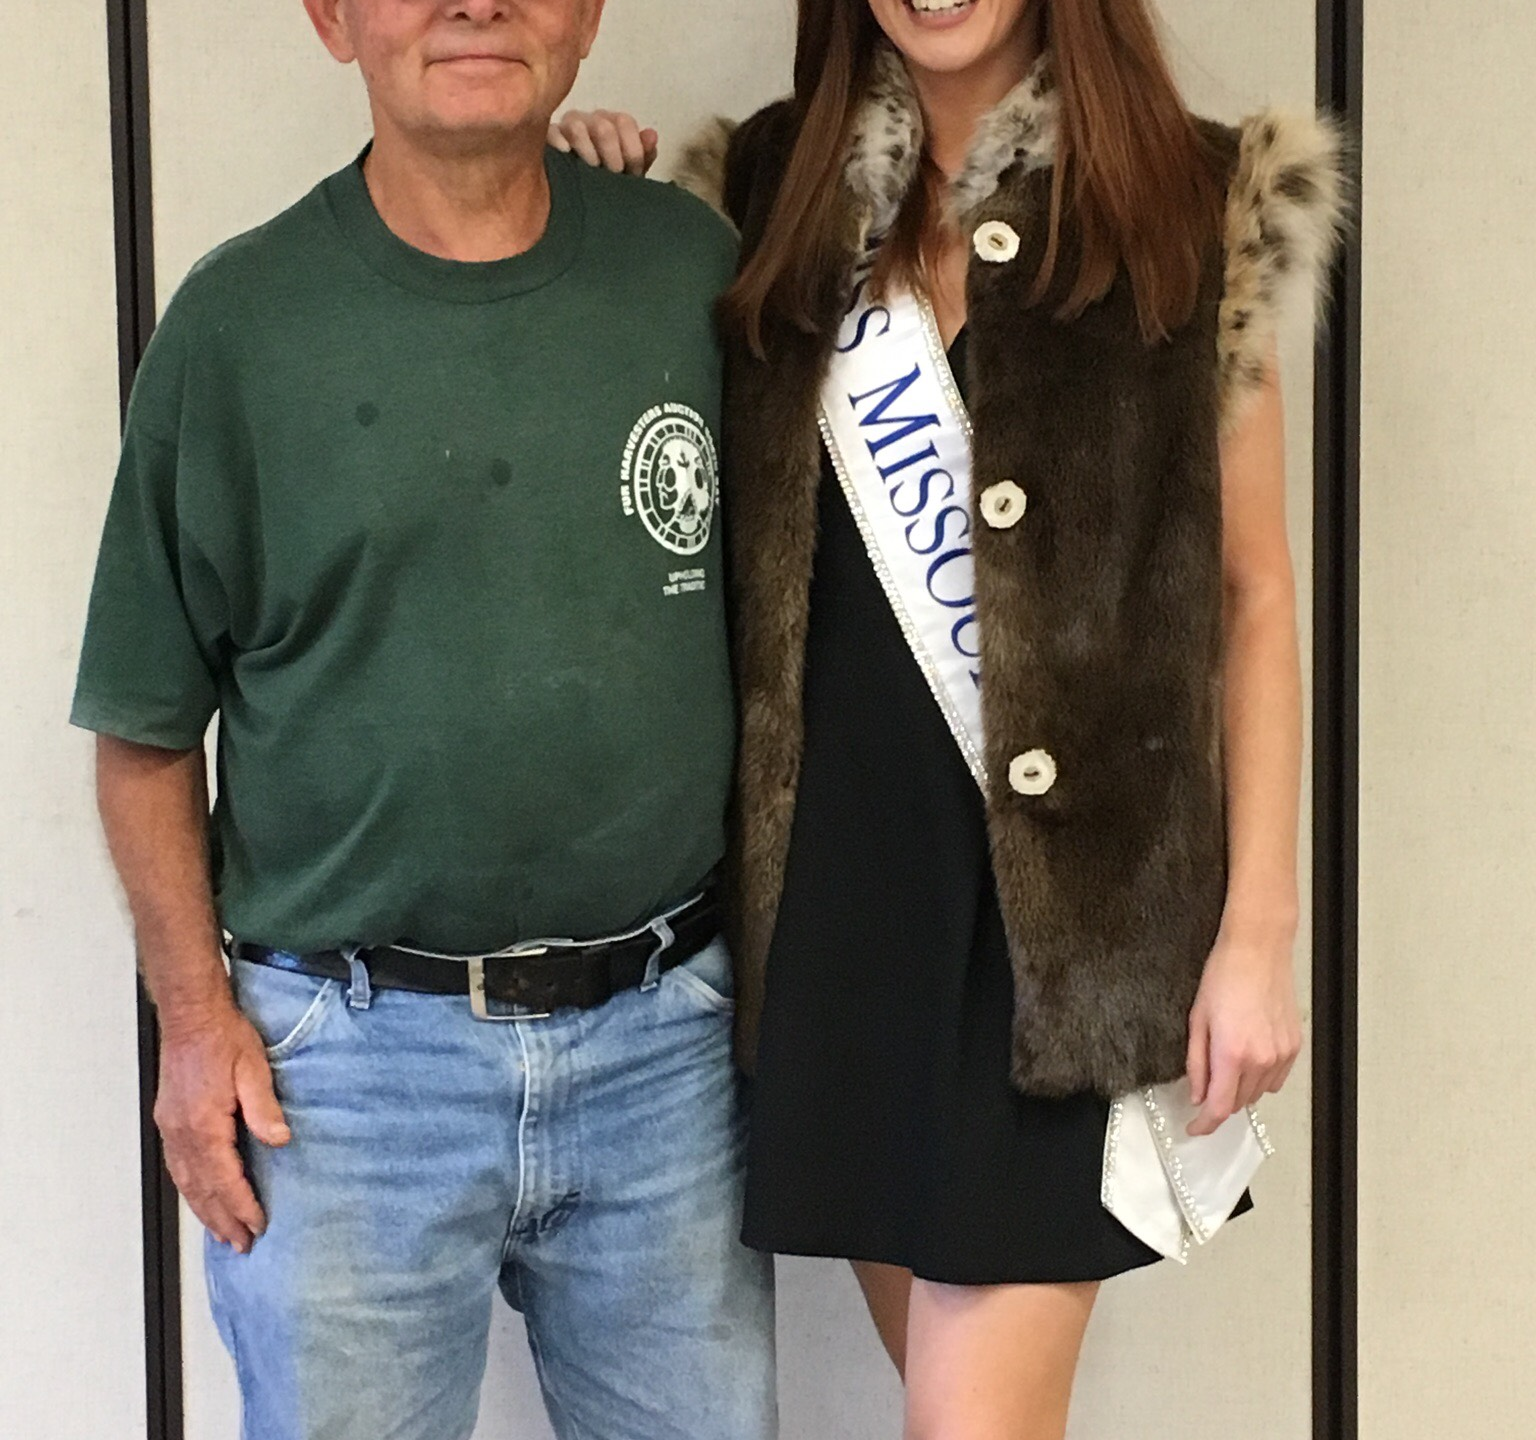 Miss Missouri